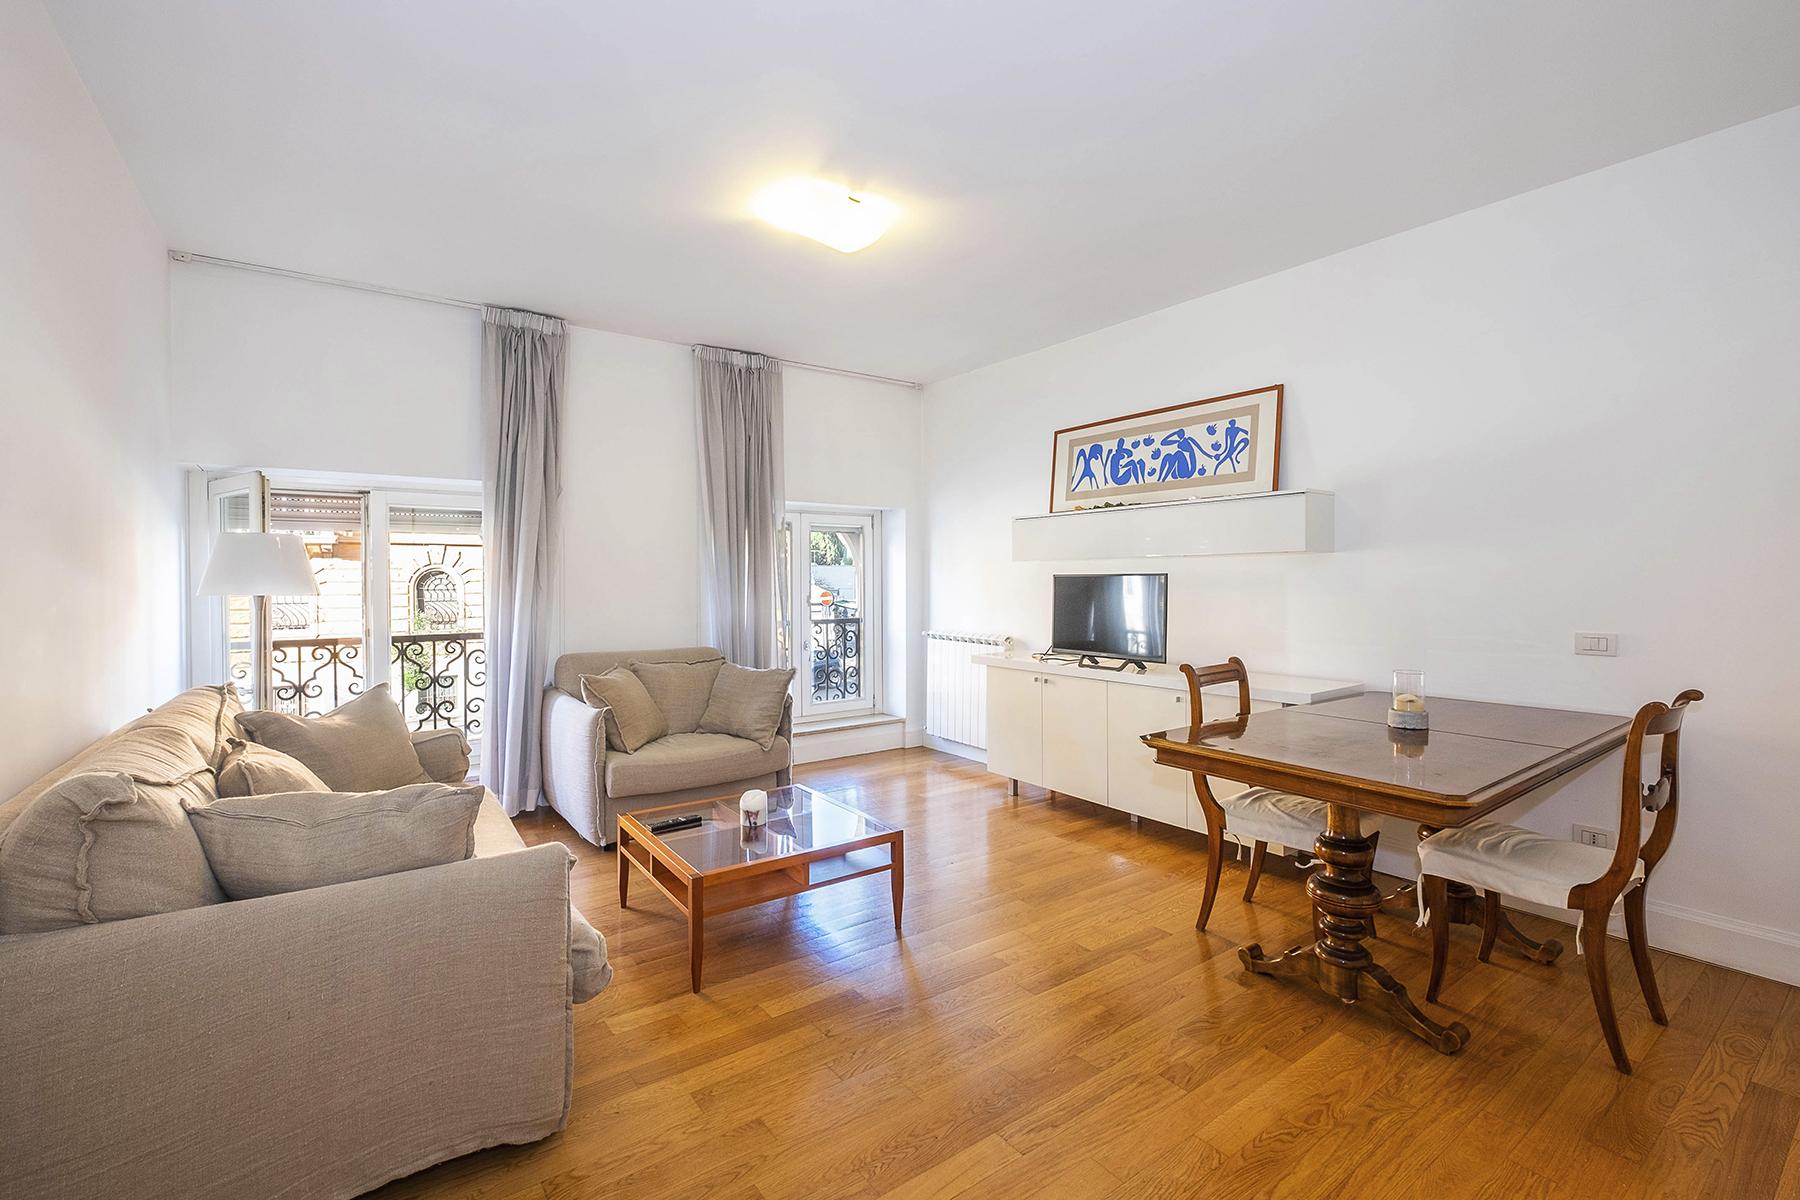 Appartamento in Affitto a Roma 02 Parioli / Pinciano / Flaminio: 2 locali, 50 mq